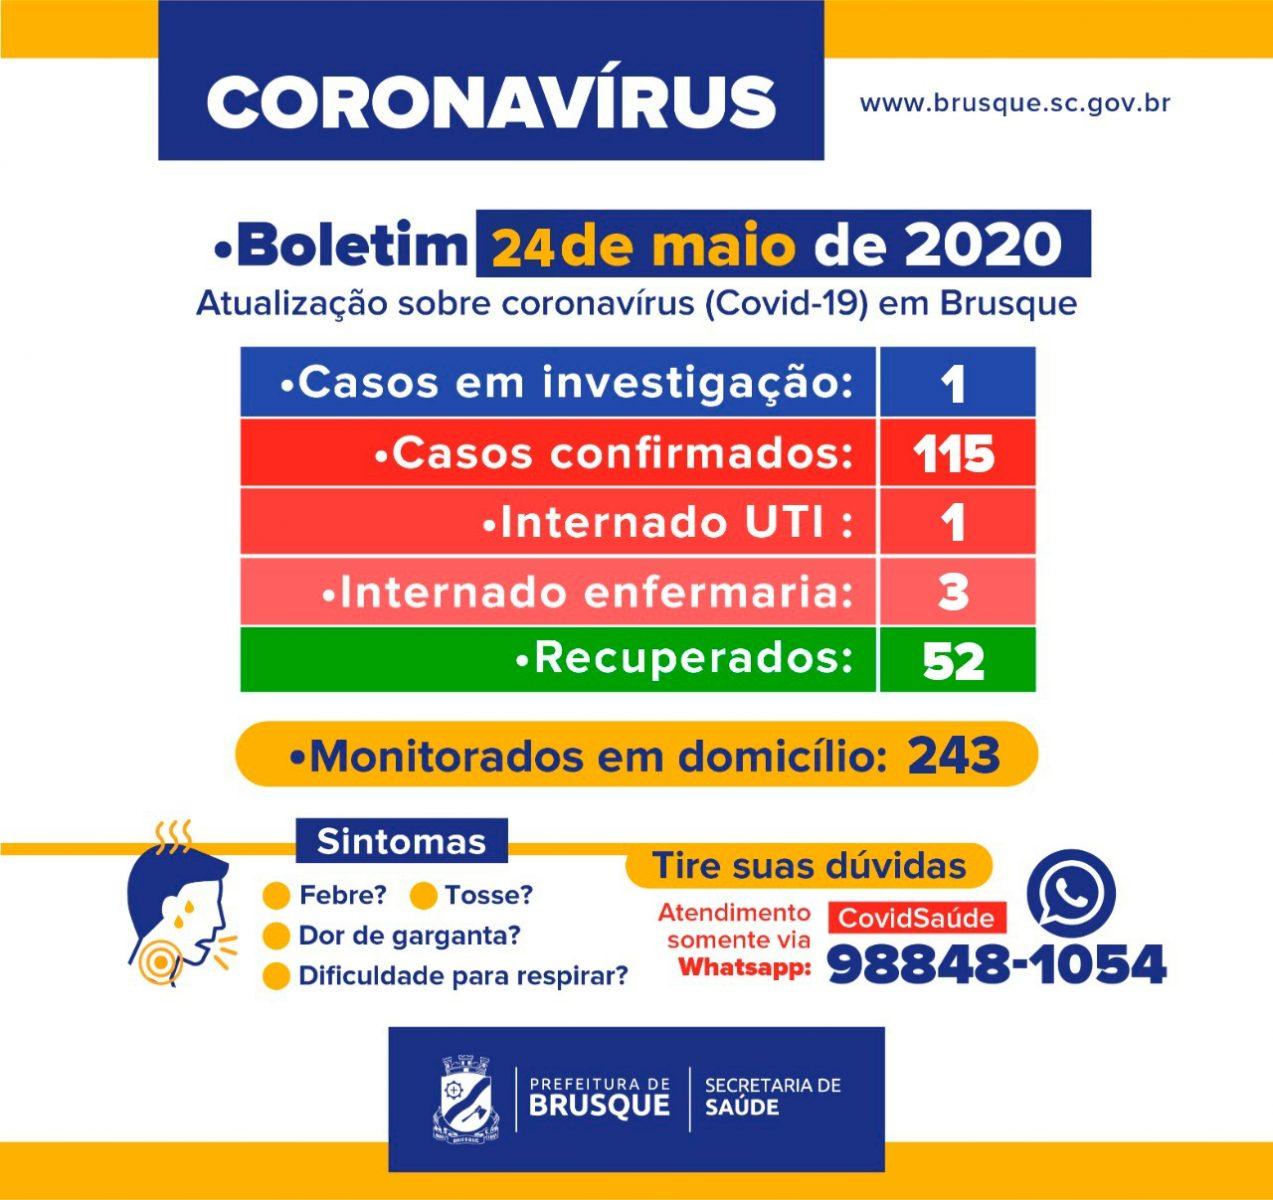 Boletim Epidemiológico: 115 casos confirmados de coronavírus em Brusque. 52 recuperados